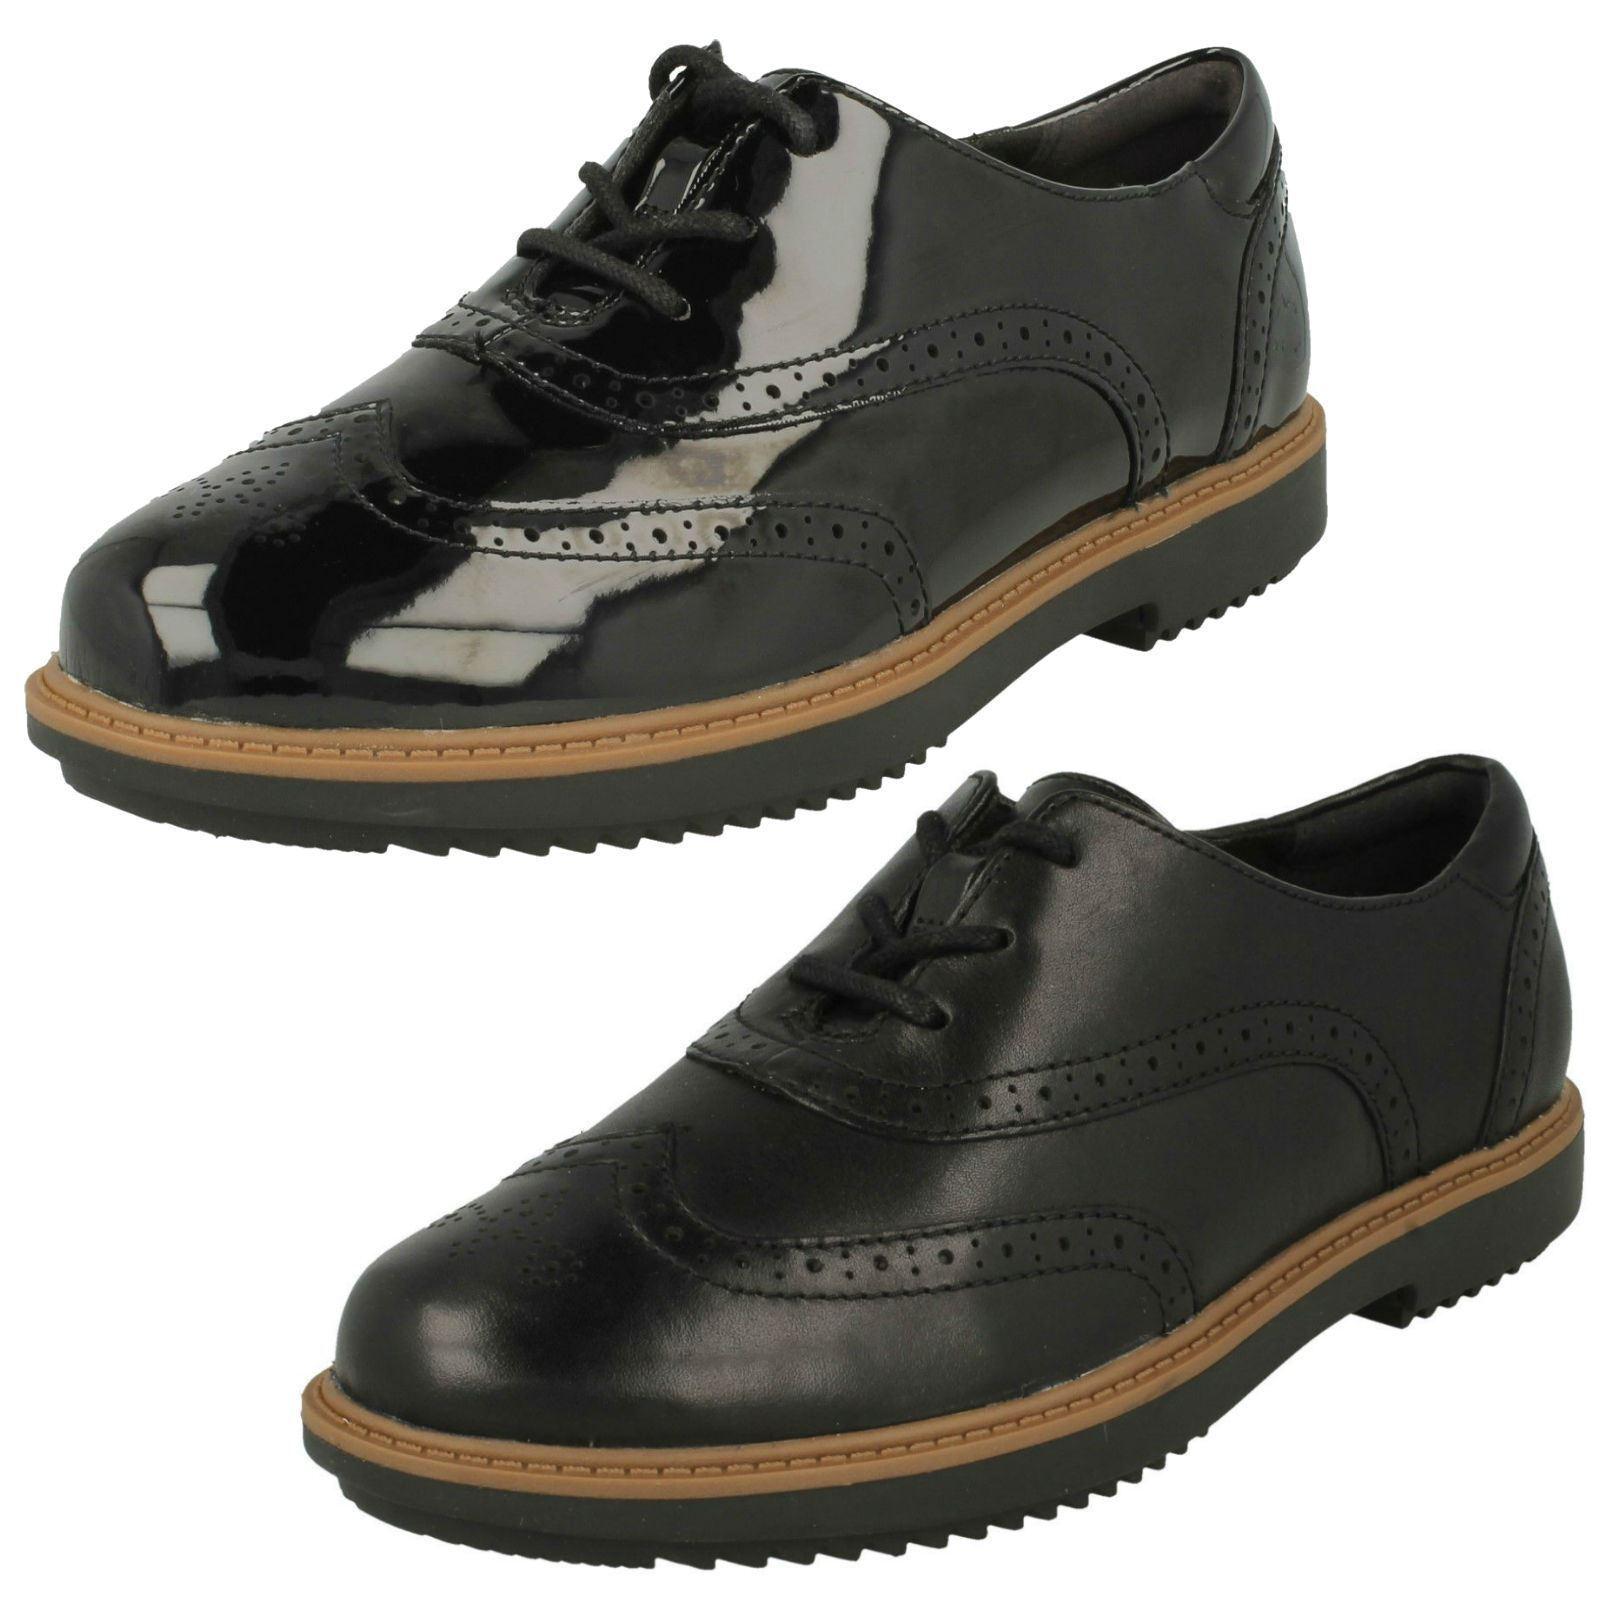 Zapatos de mujer baratos zapatos de mujer Descuento por tiempo limitado Ladies Clarks Raisie Hilde Leather Or Synthetic Patent Lace Up Brogue Shoes